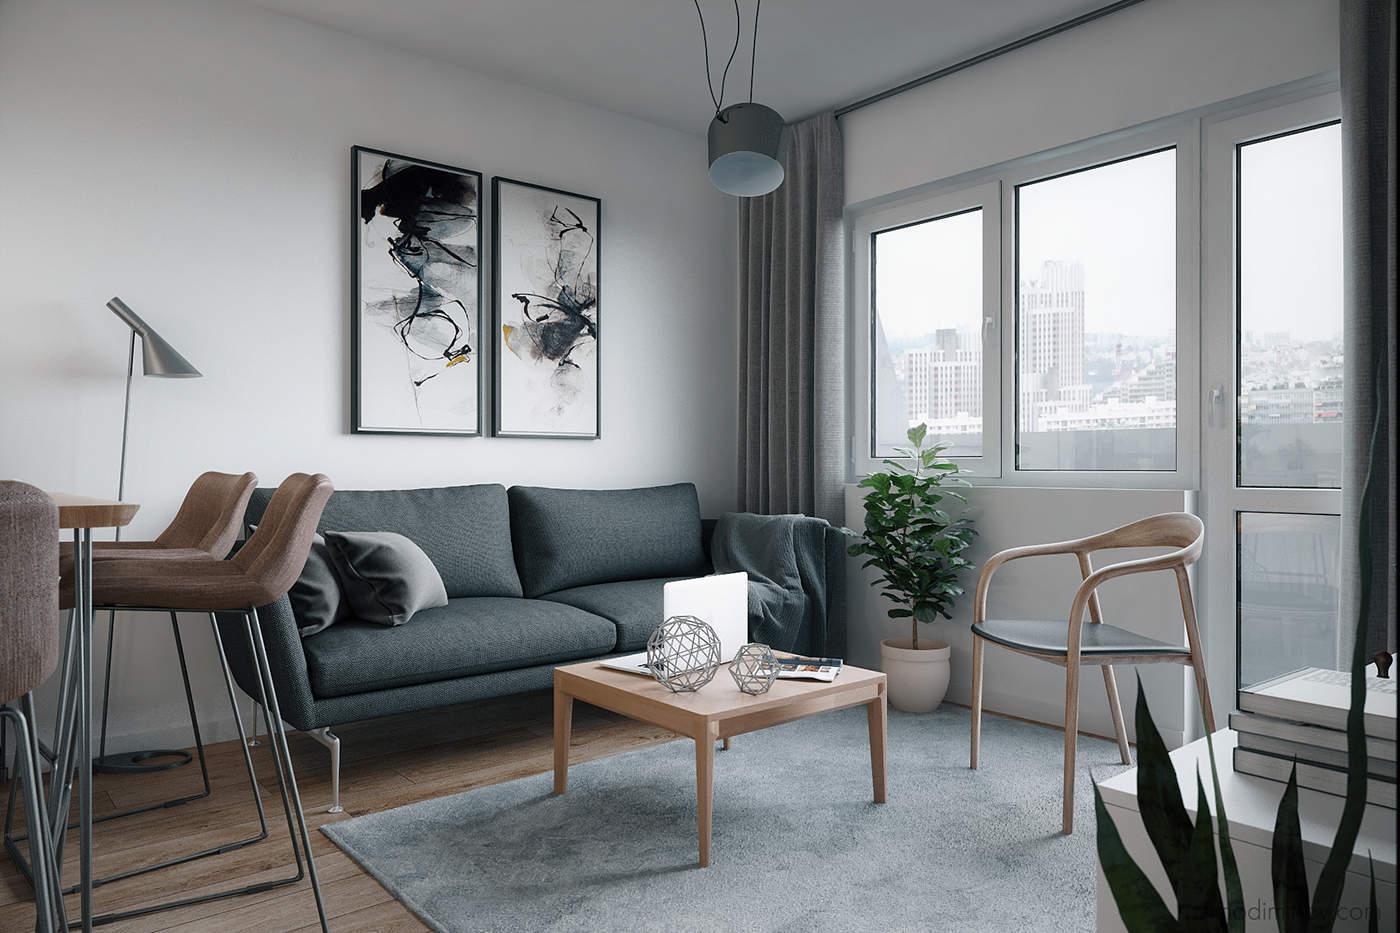 comment am233nager parfaitement un petit appartement